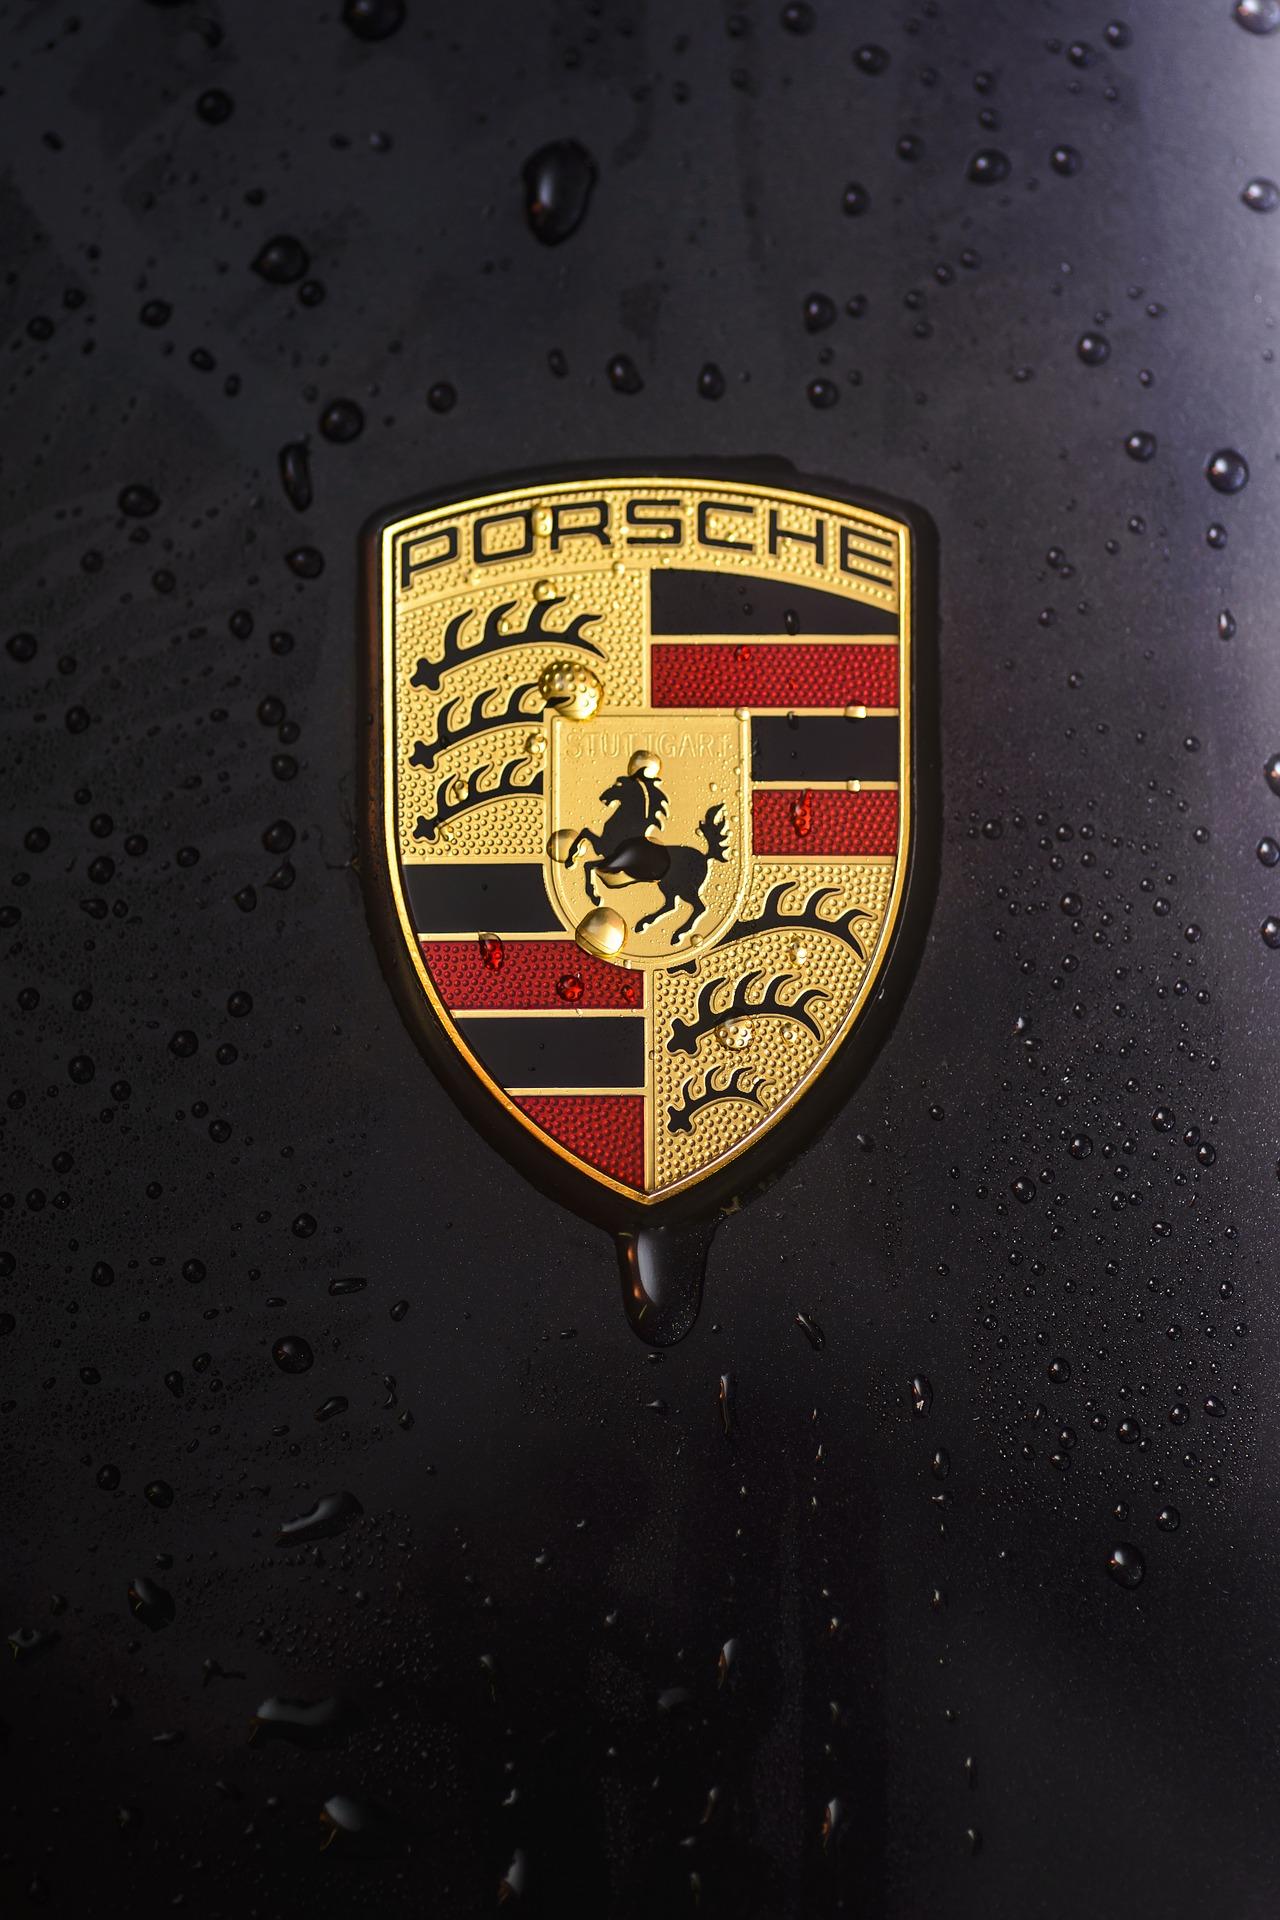 Porsche Carrera 4S, Auto, Automobile, Car, Carrera, HQ Photo